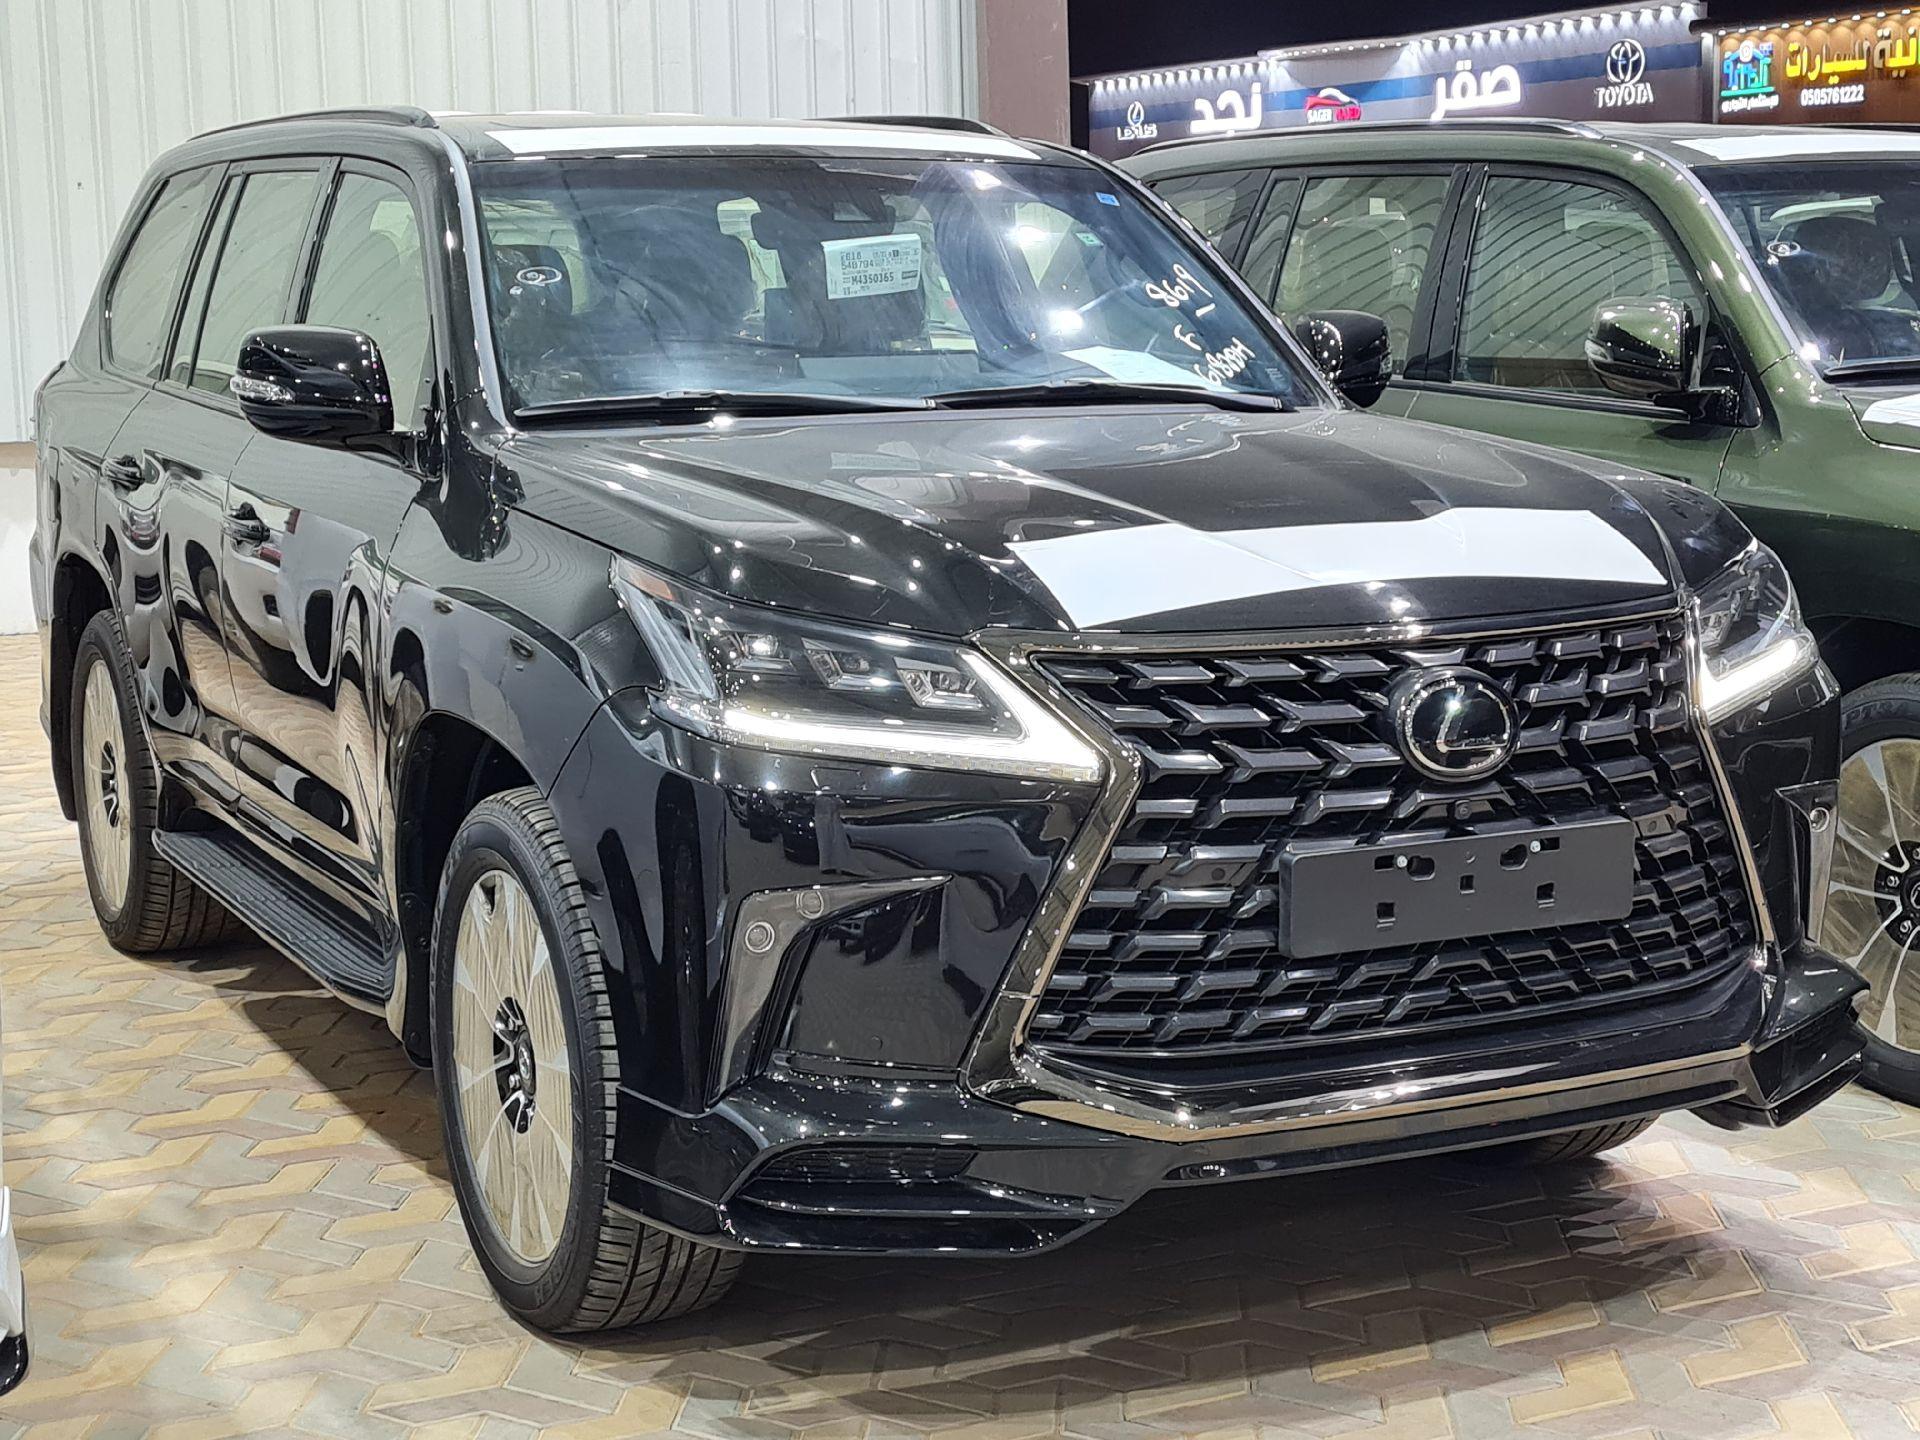 لكزس LX 570 Black Ed. 2021 فل سعودي للبيع في الرياض - السعودية - صورة كبيرة - 7